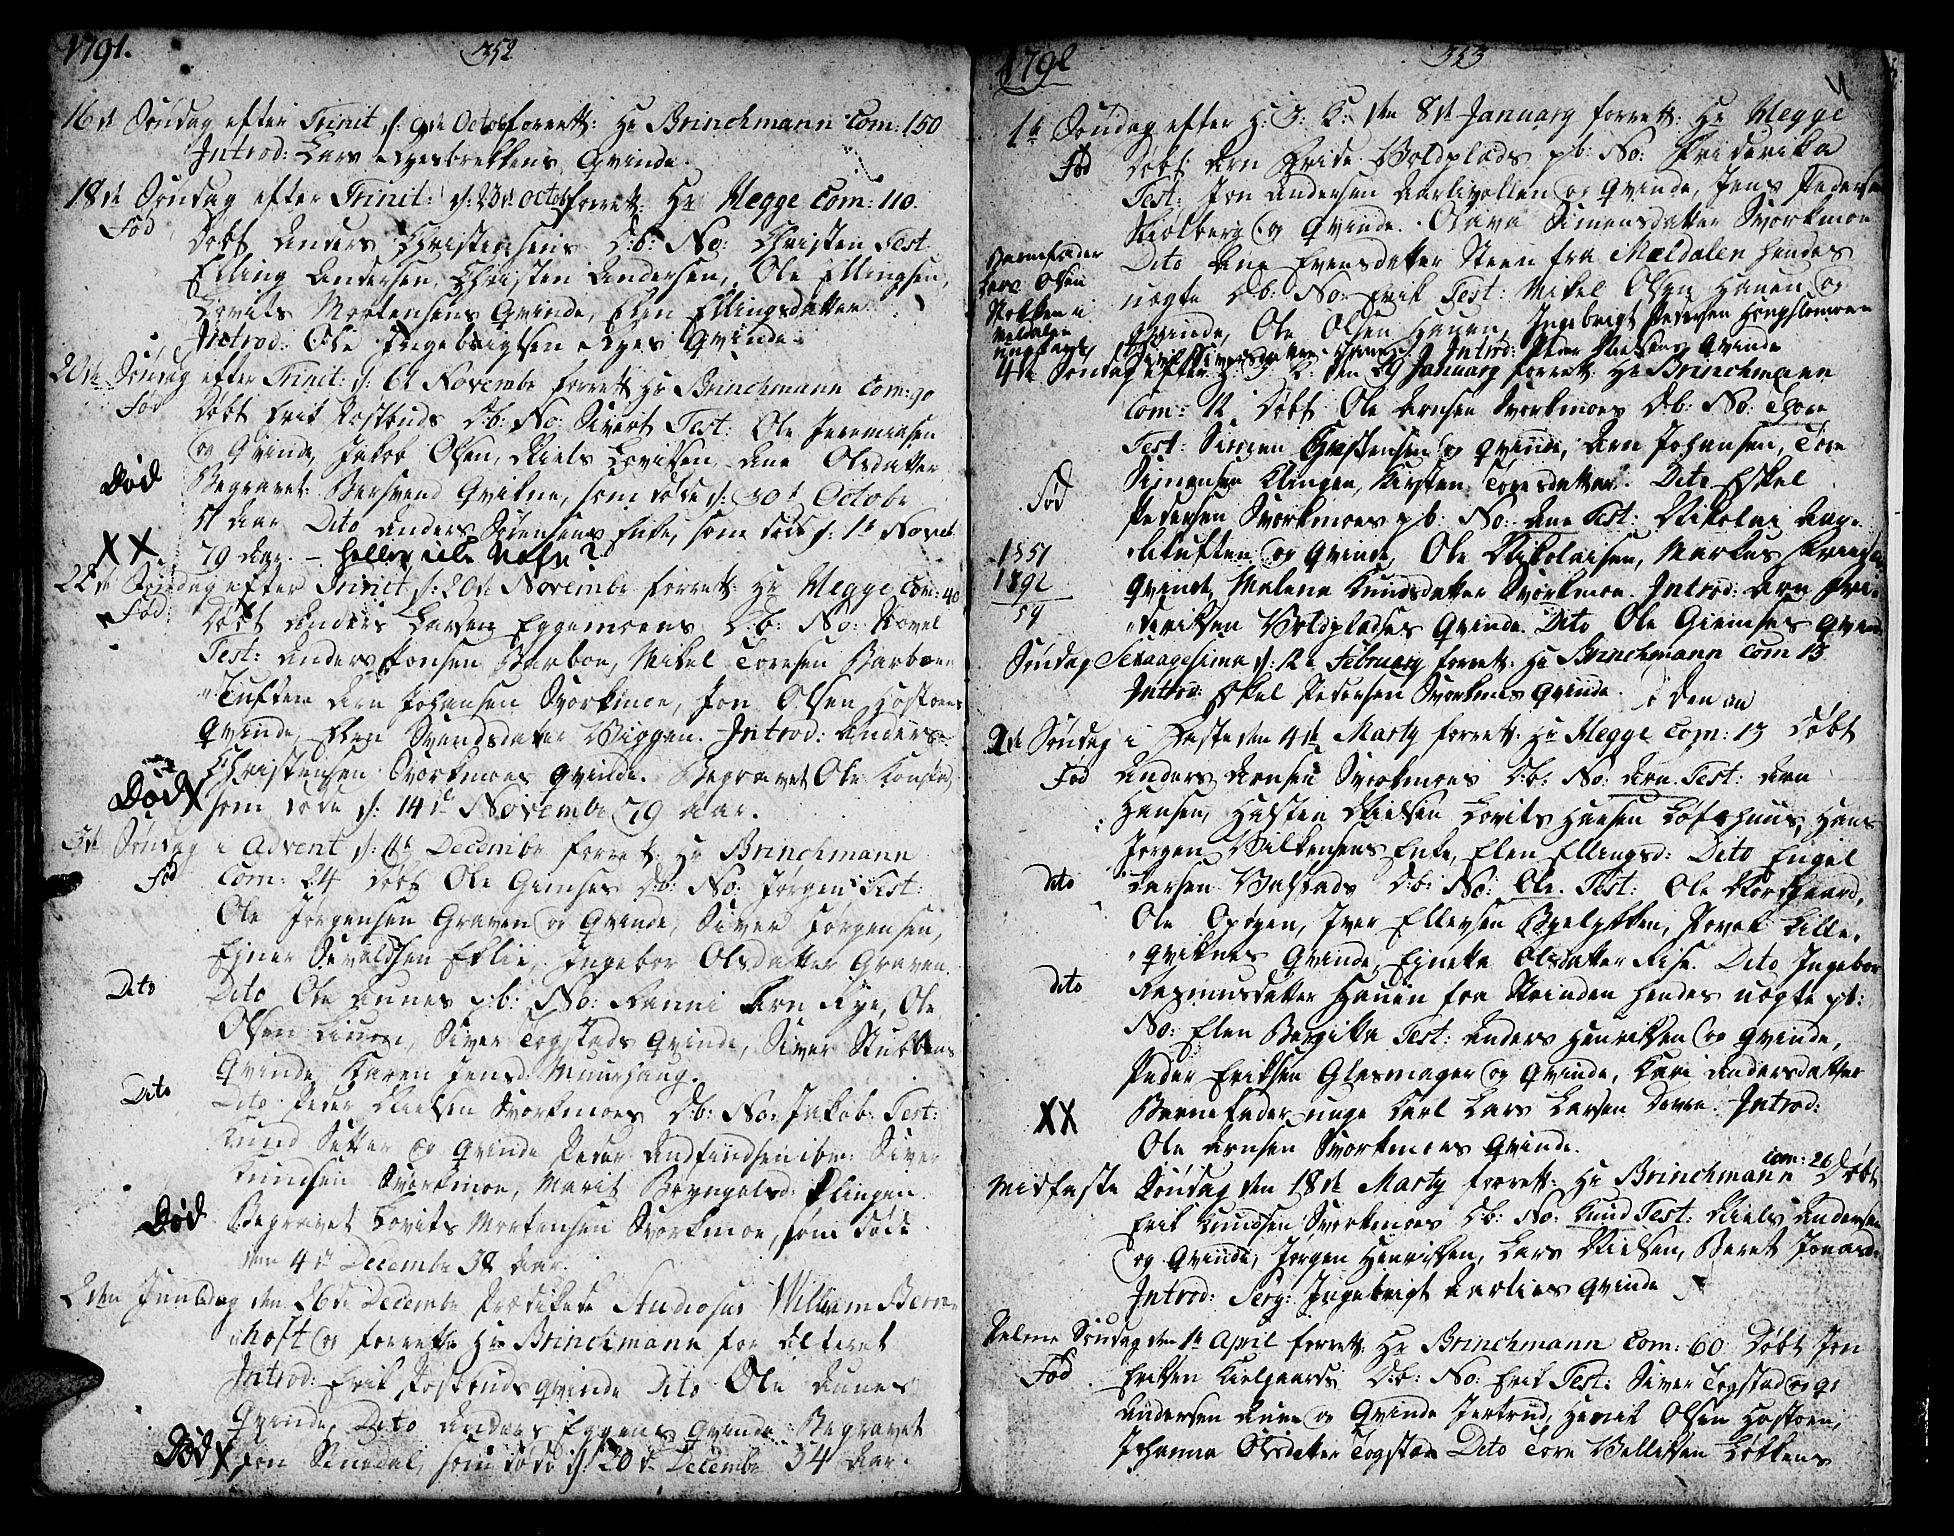 SAT, Ministerialprotokoller, klokkerbøker og fødselsregistre - Sør-Trøndelag, 671/L0840: Ministerialbok nr. 671A02, 1756-1794, s. 352-353